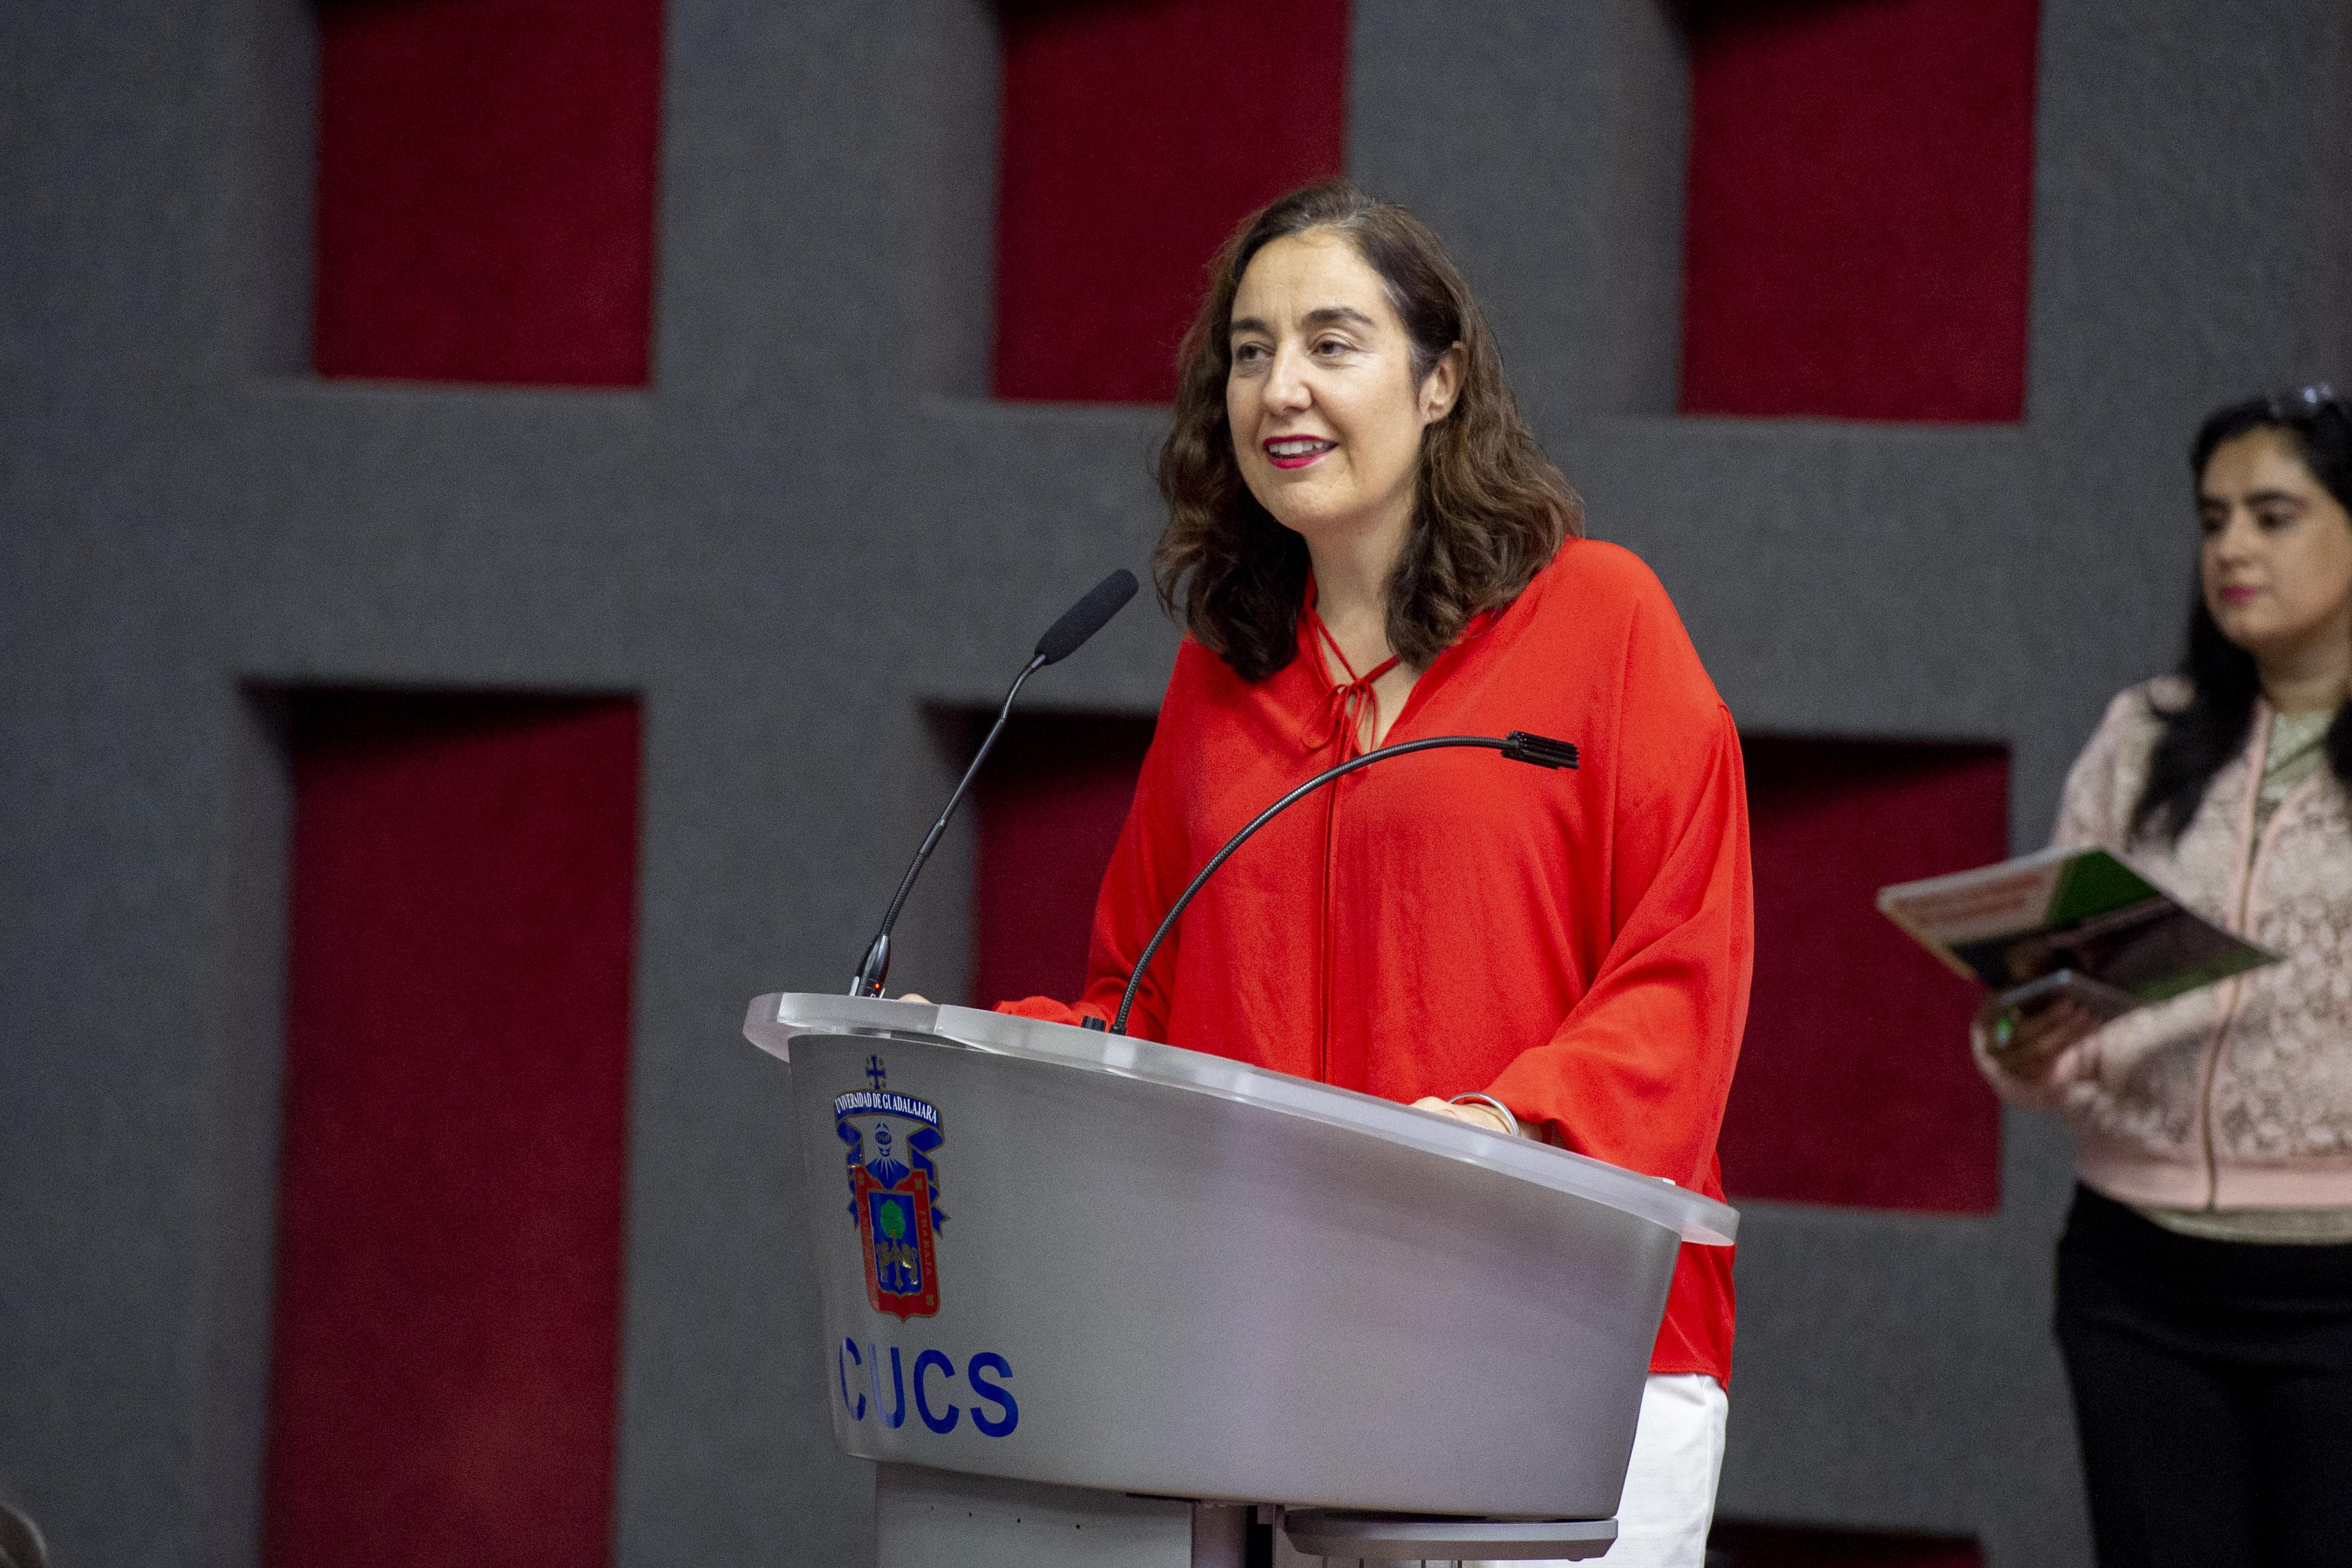 Dra Bárbara Vizmanos al micrófono en el podio